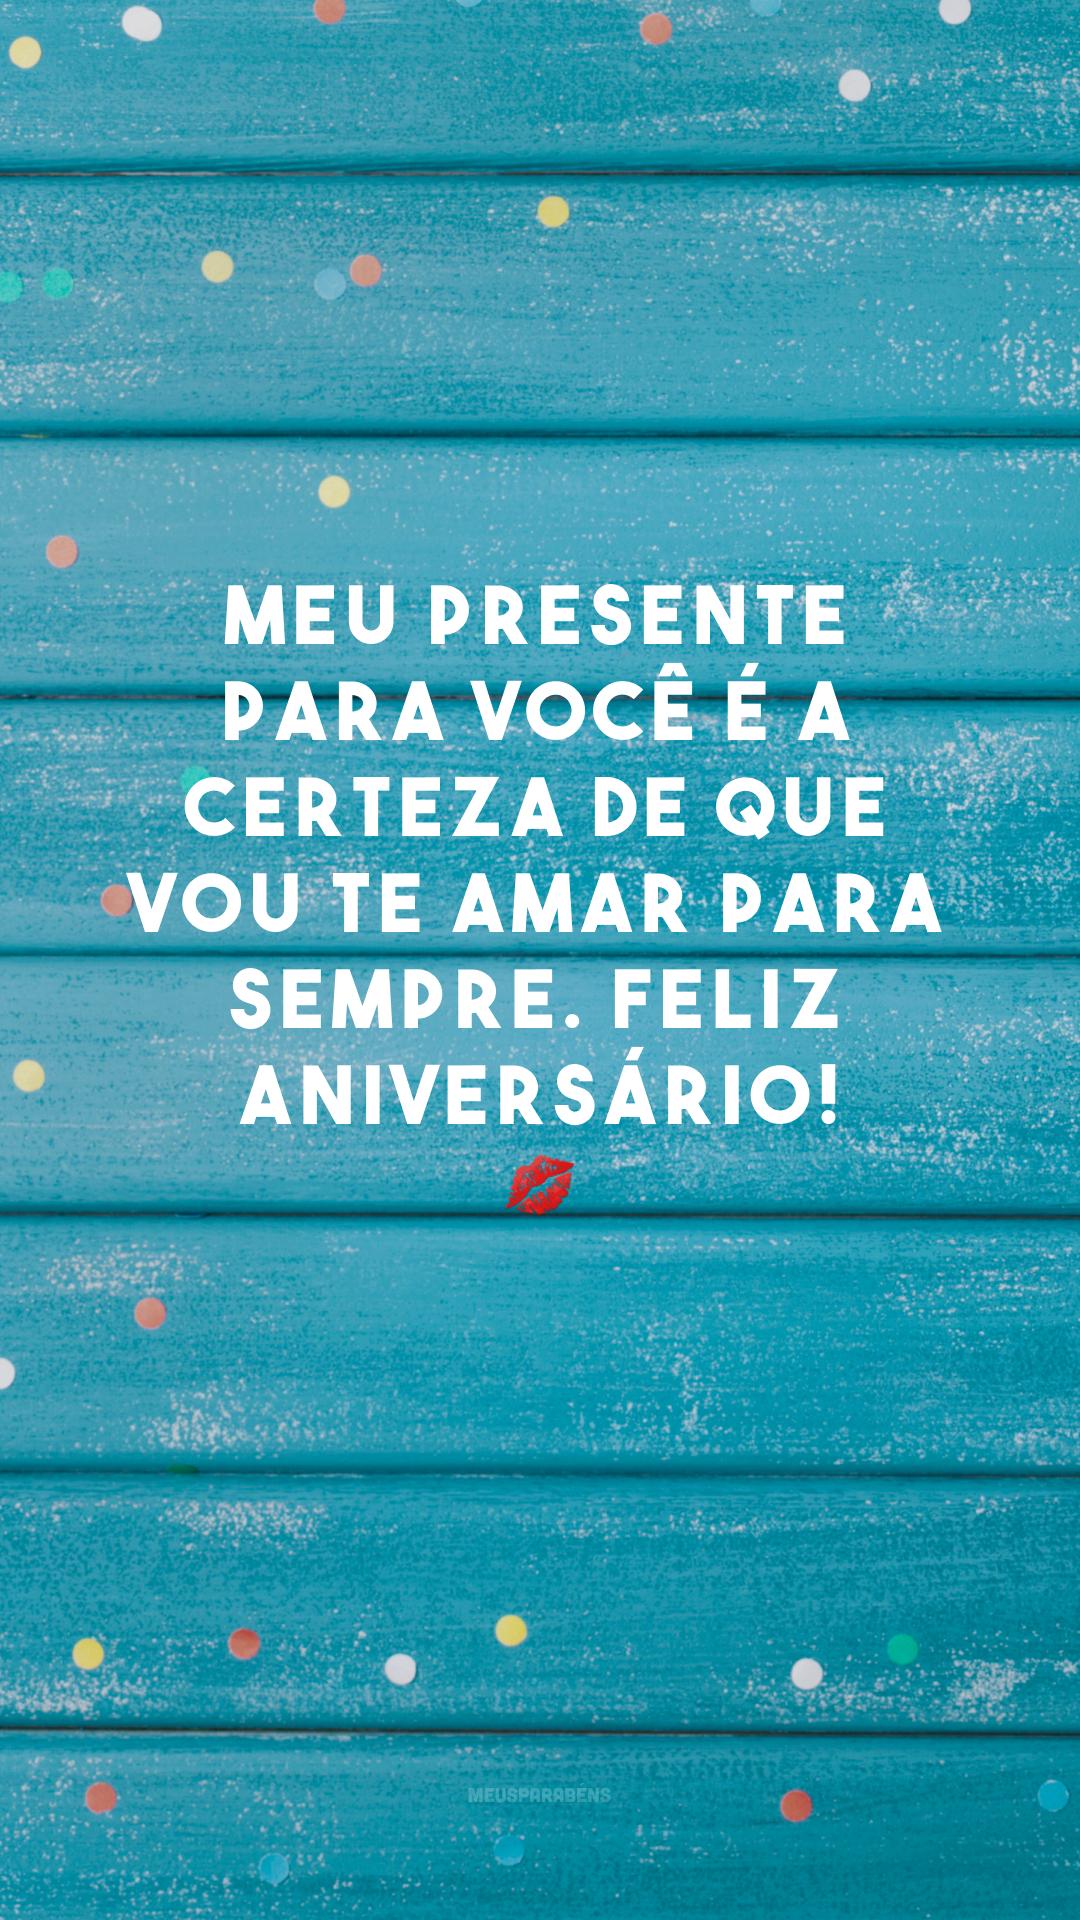 Meu presente para você é a certeza de que vou te amar para sempre. Feliz aniversário! 💋